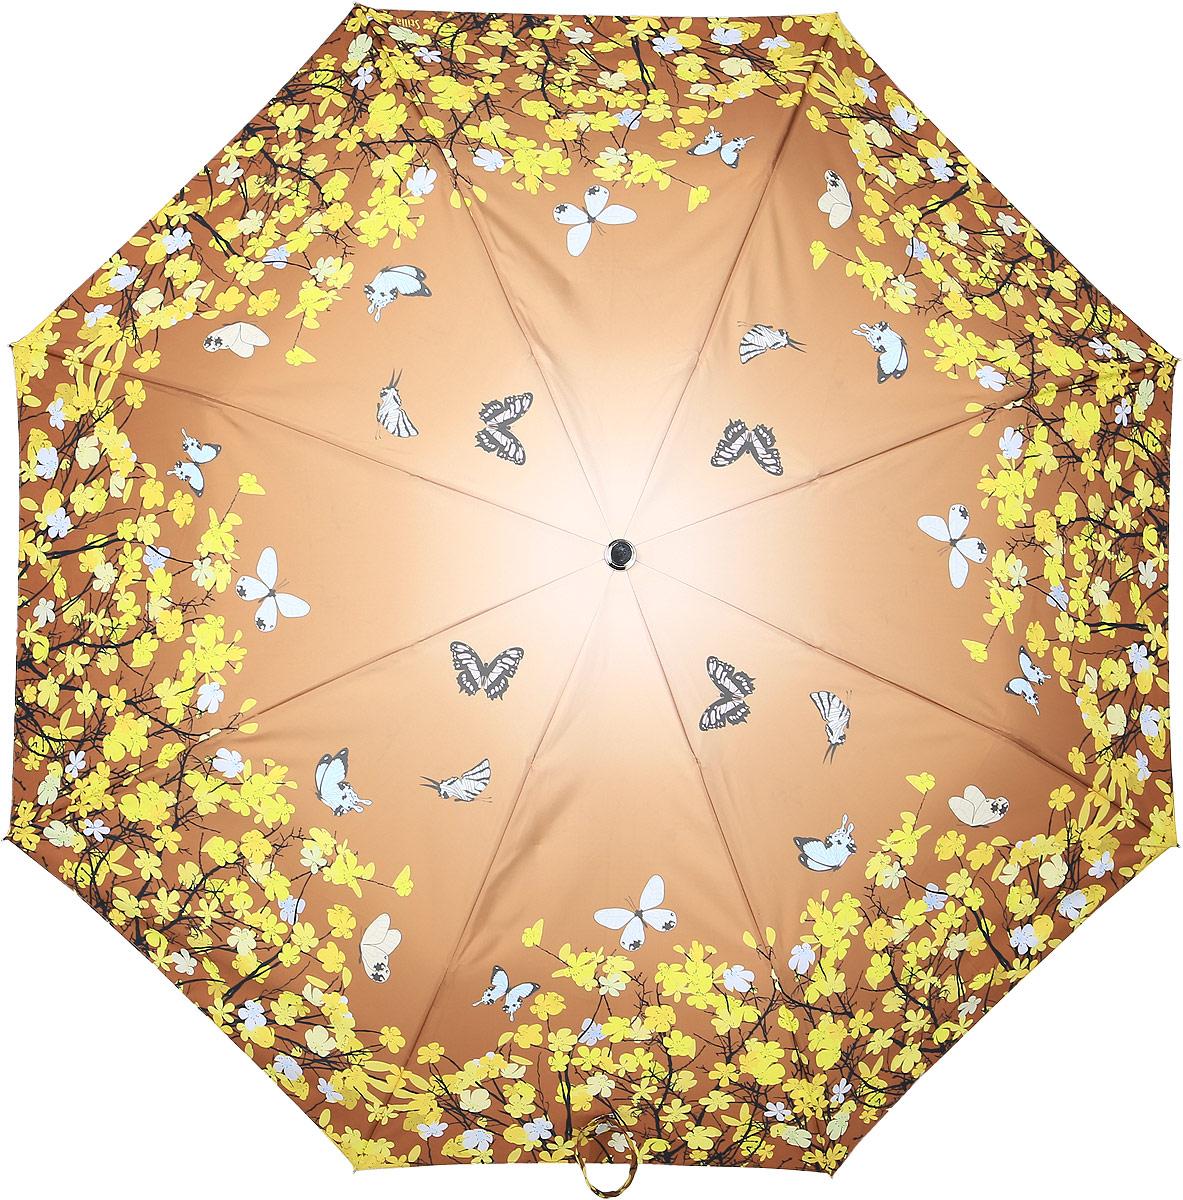 Зонт женский Stilla, автомат, 3 сложения, цвет: коричневый, желтый. 741/1 midi зонт stilla 680auto 1 светло коричневый